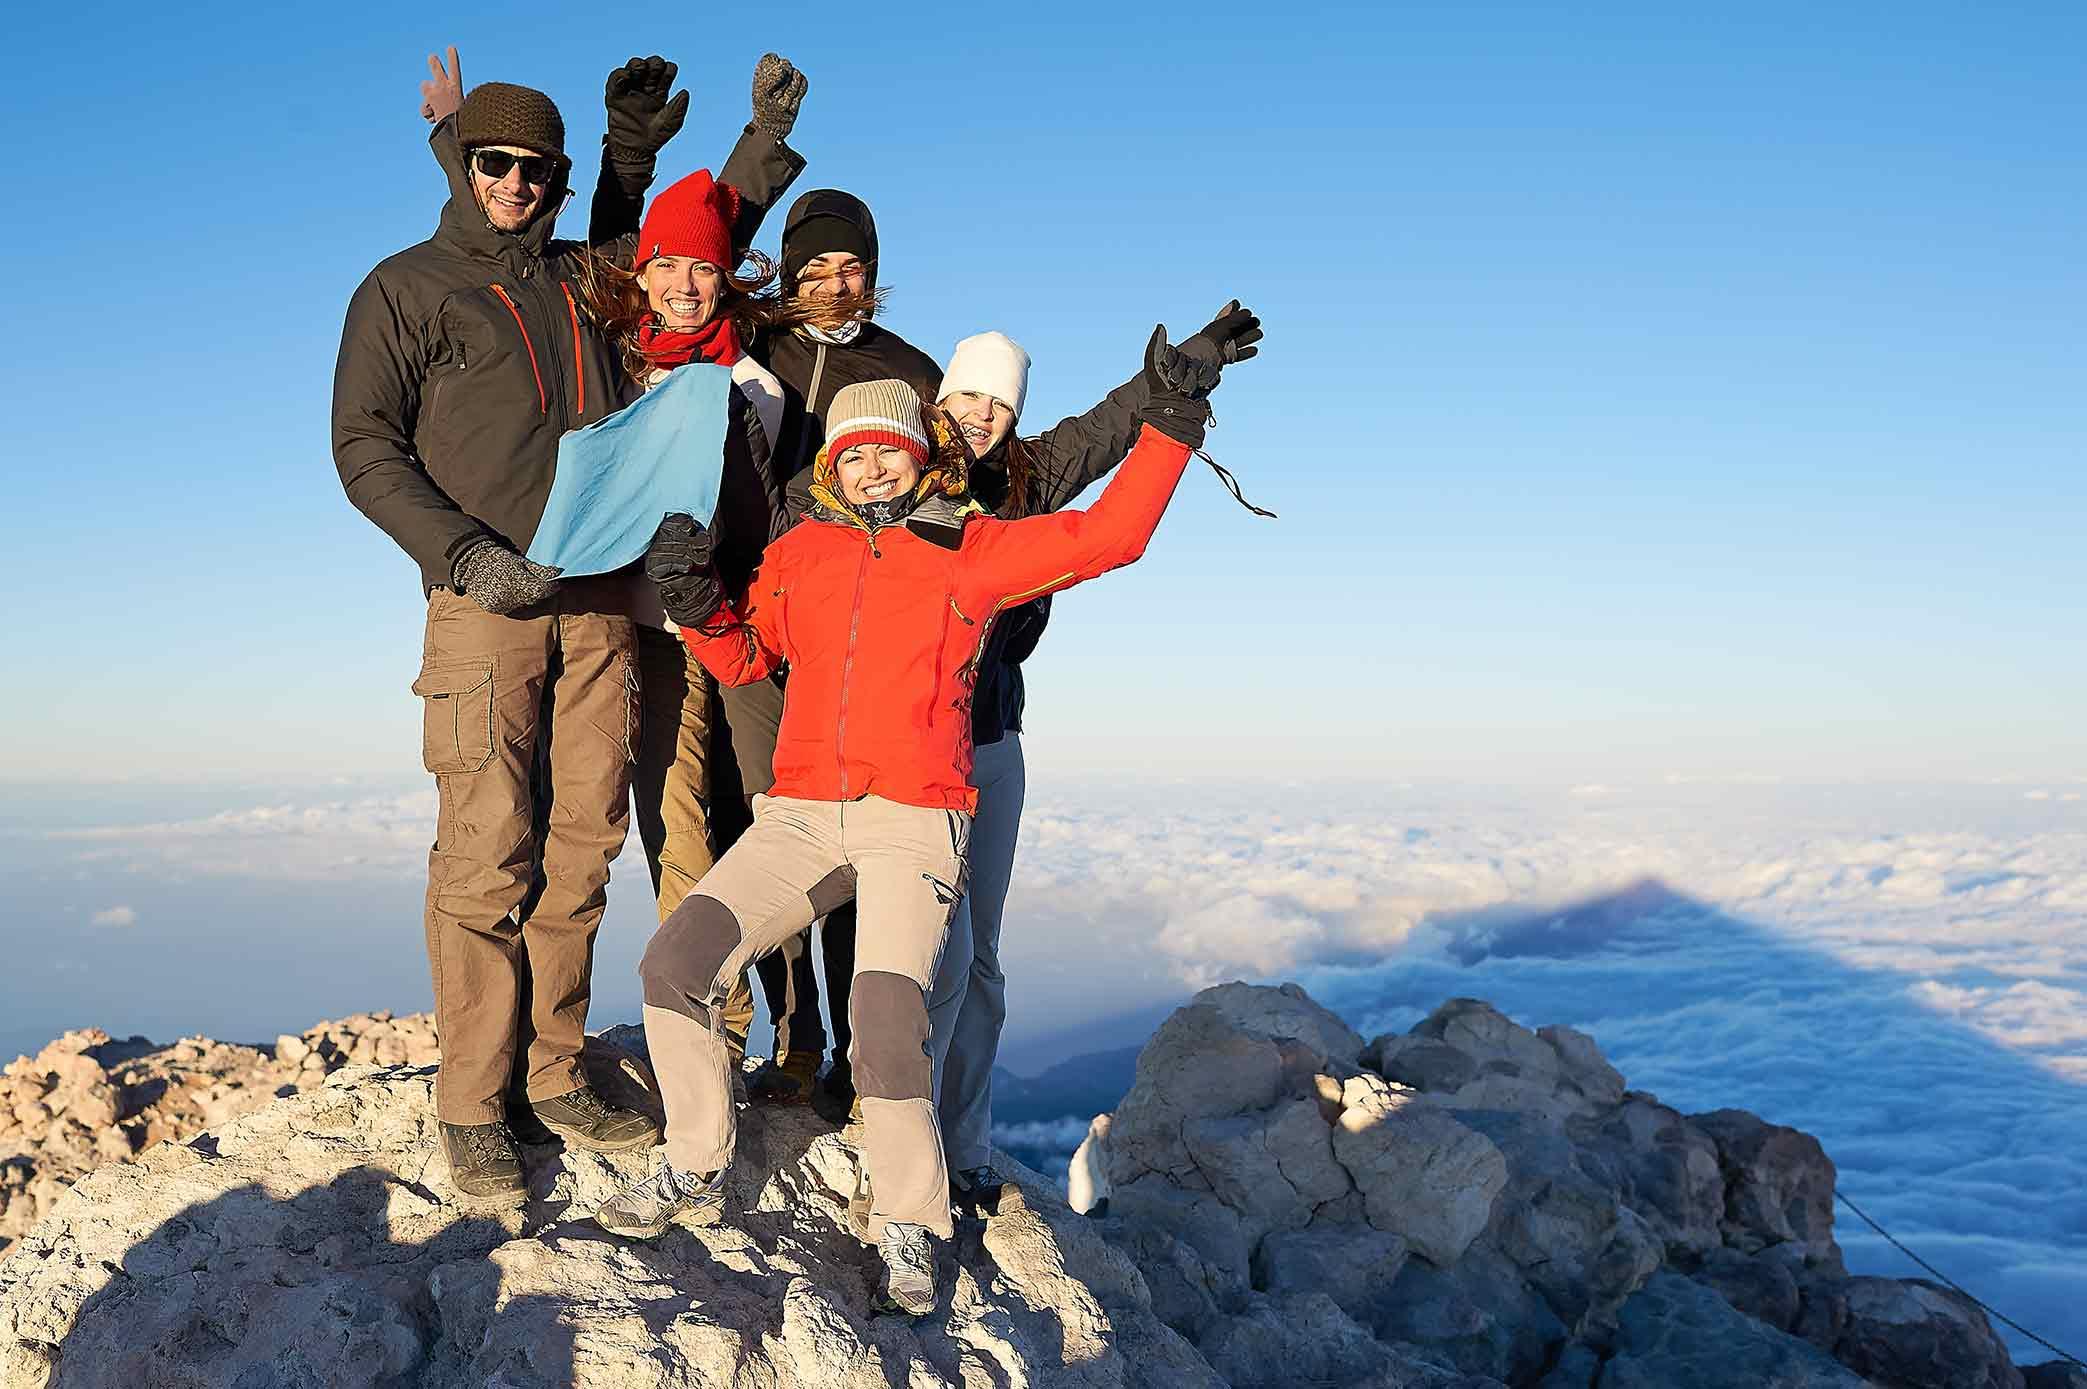 Szczyt Pico del Teide + Kolejka linowa na własną rękę